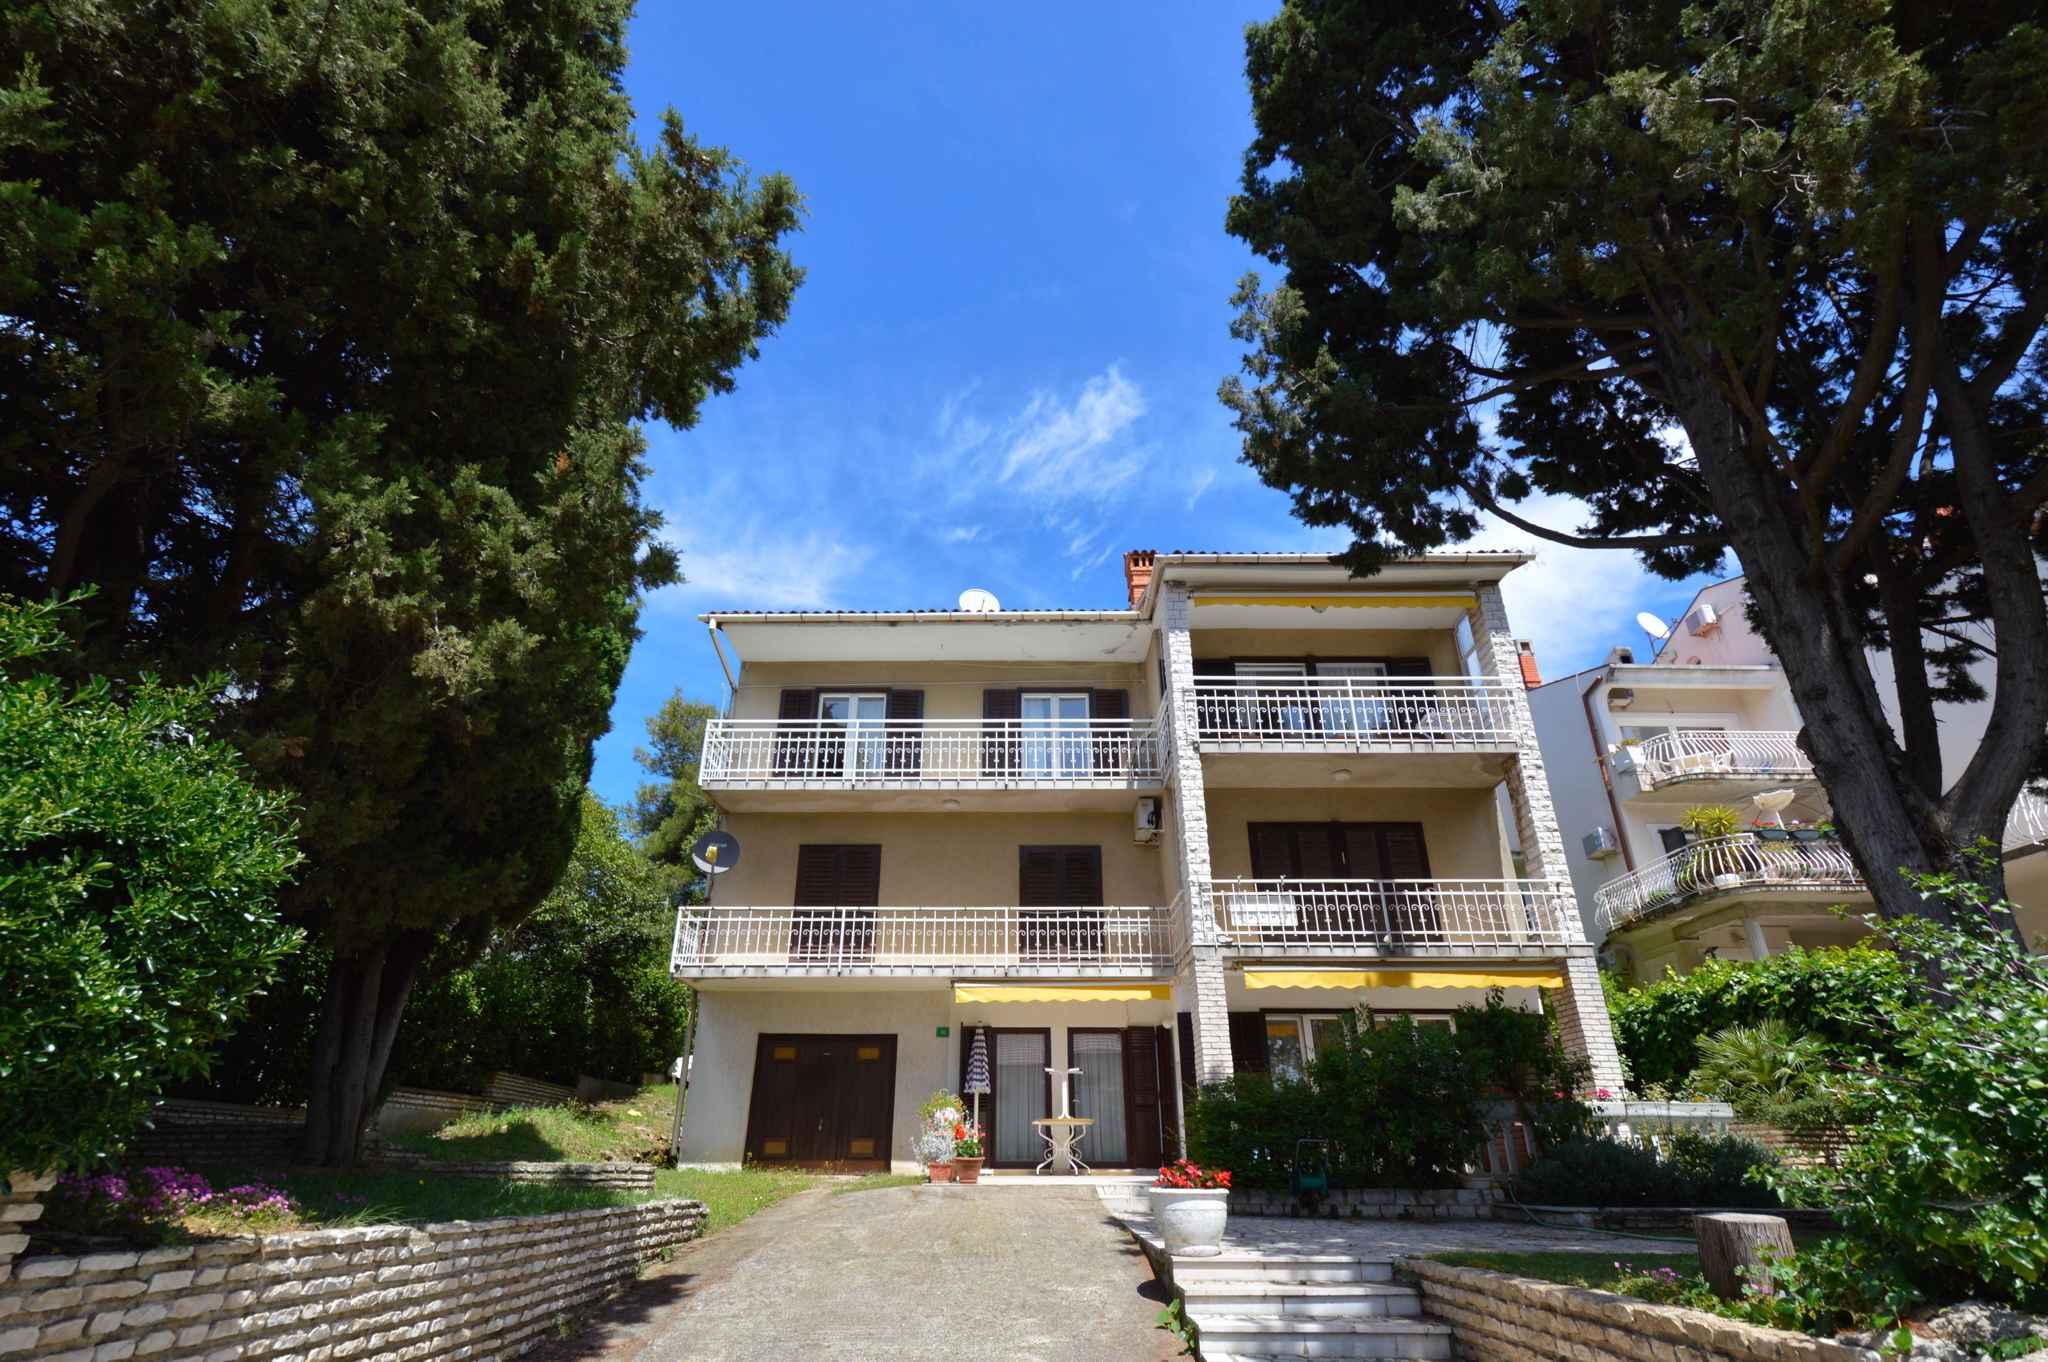 Ferienwohnung in ruhiger Lage (280677), Pula, , Istrien, Kroatien, Bild 1